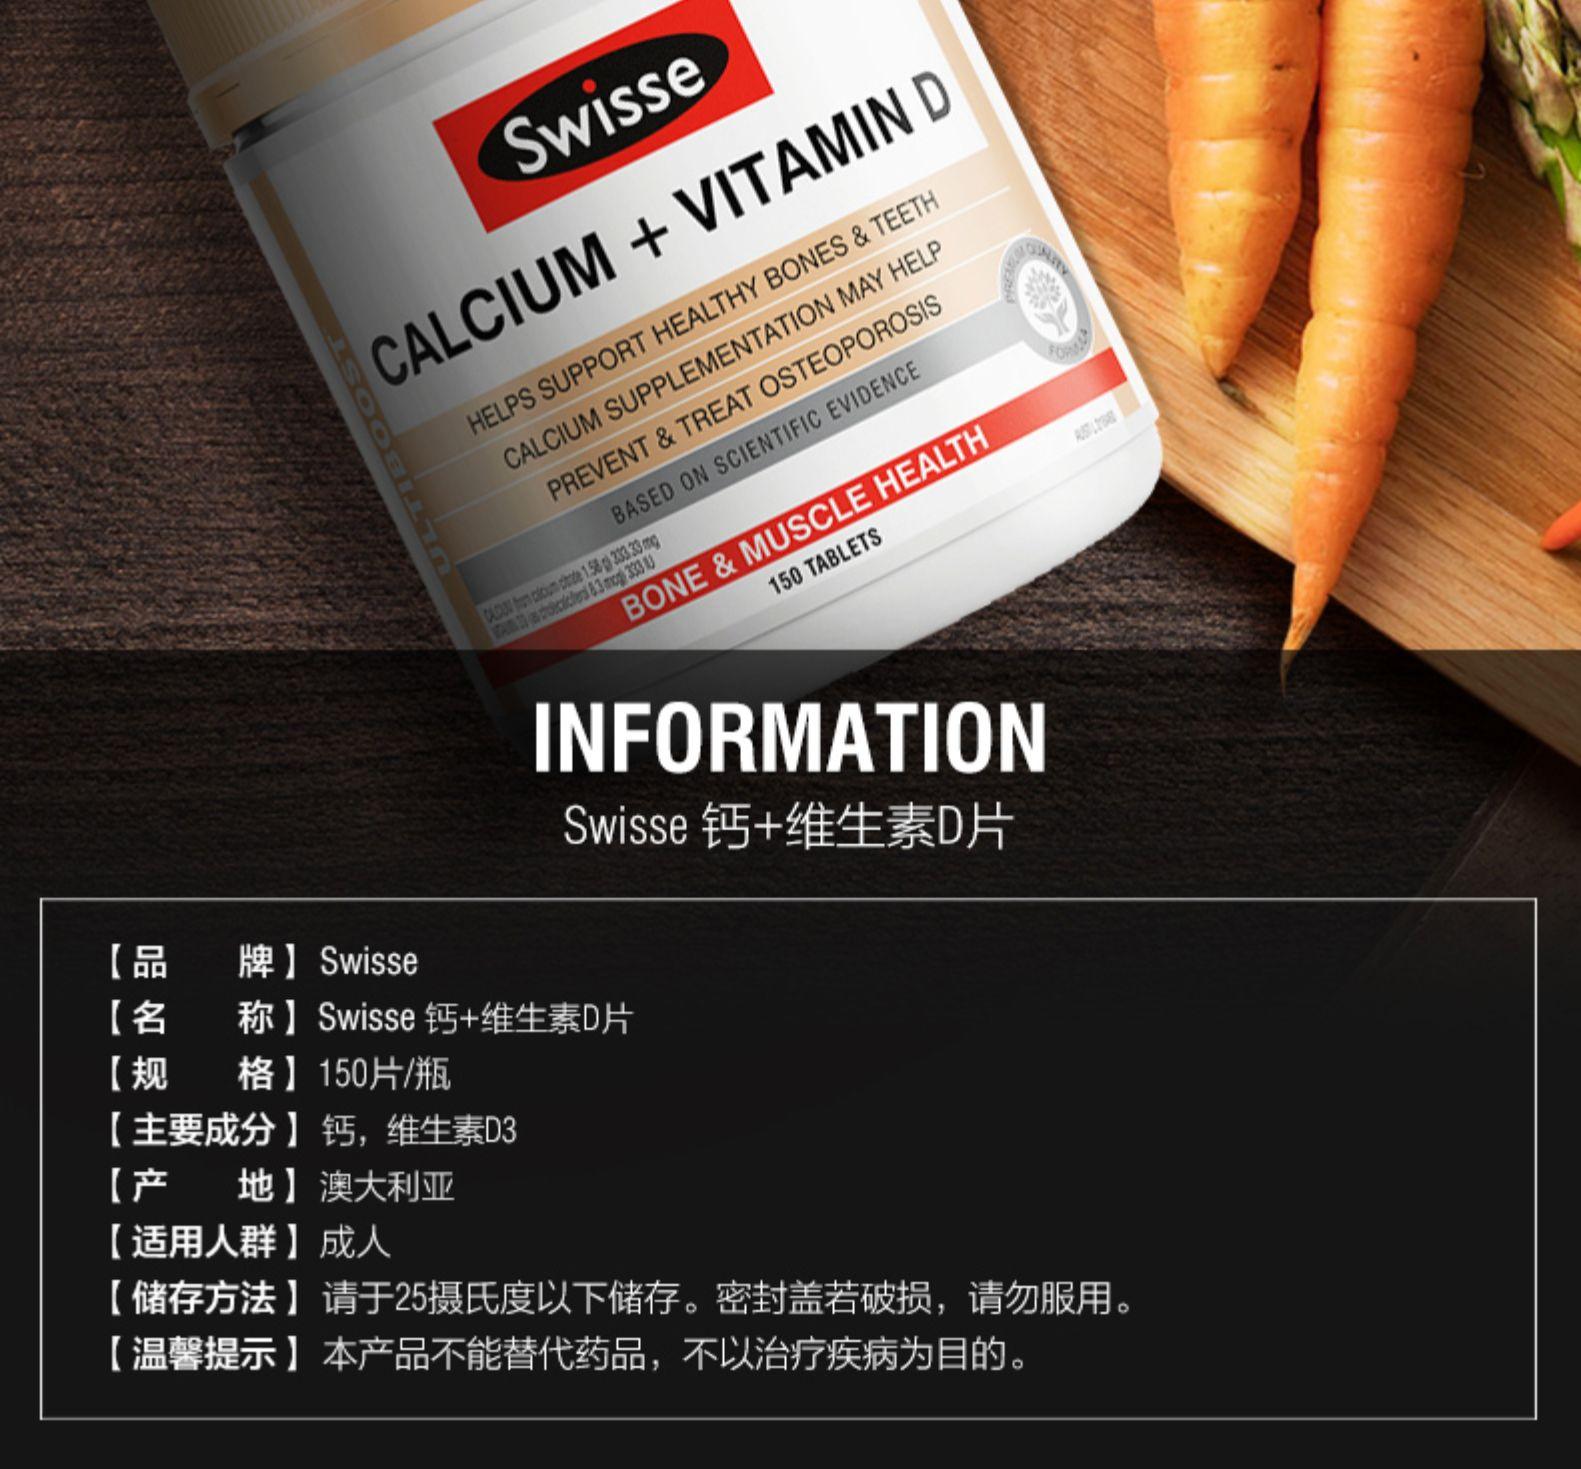 澳洲进口swisse钙片+维生素D柠檬酸150片 孕妇中老年人补钙¥169.00 我们的产品 第6张